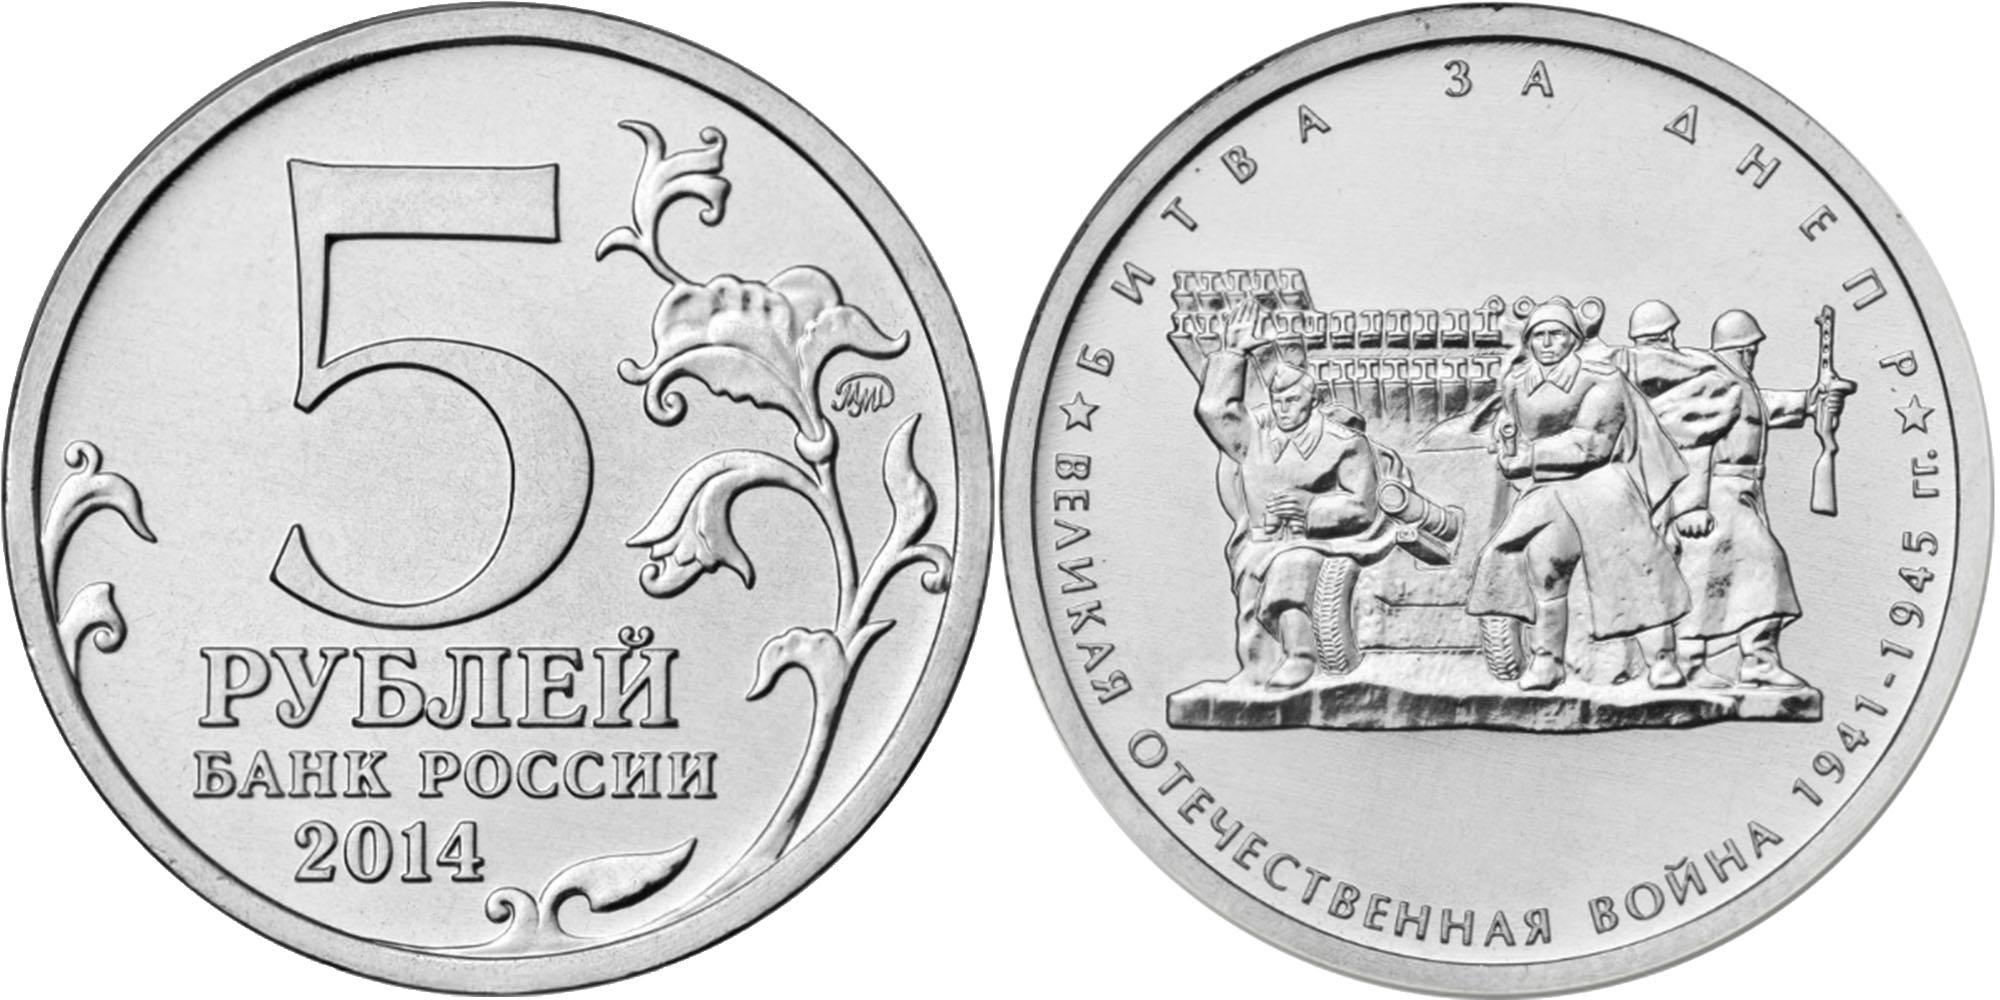 Монеты посвященные 70-летию Победы в Великой Отечественной войне 1941-1945 годов.